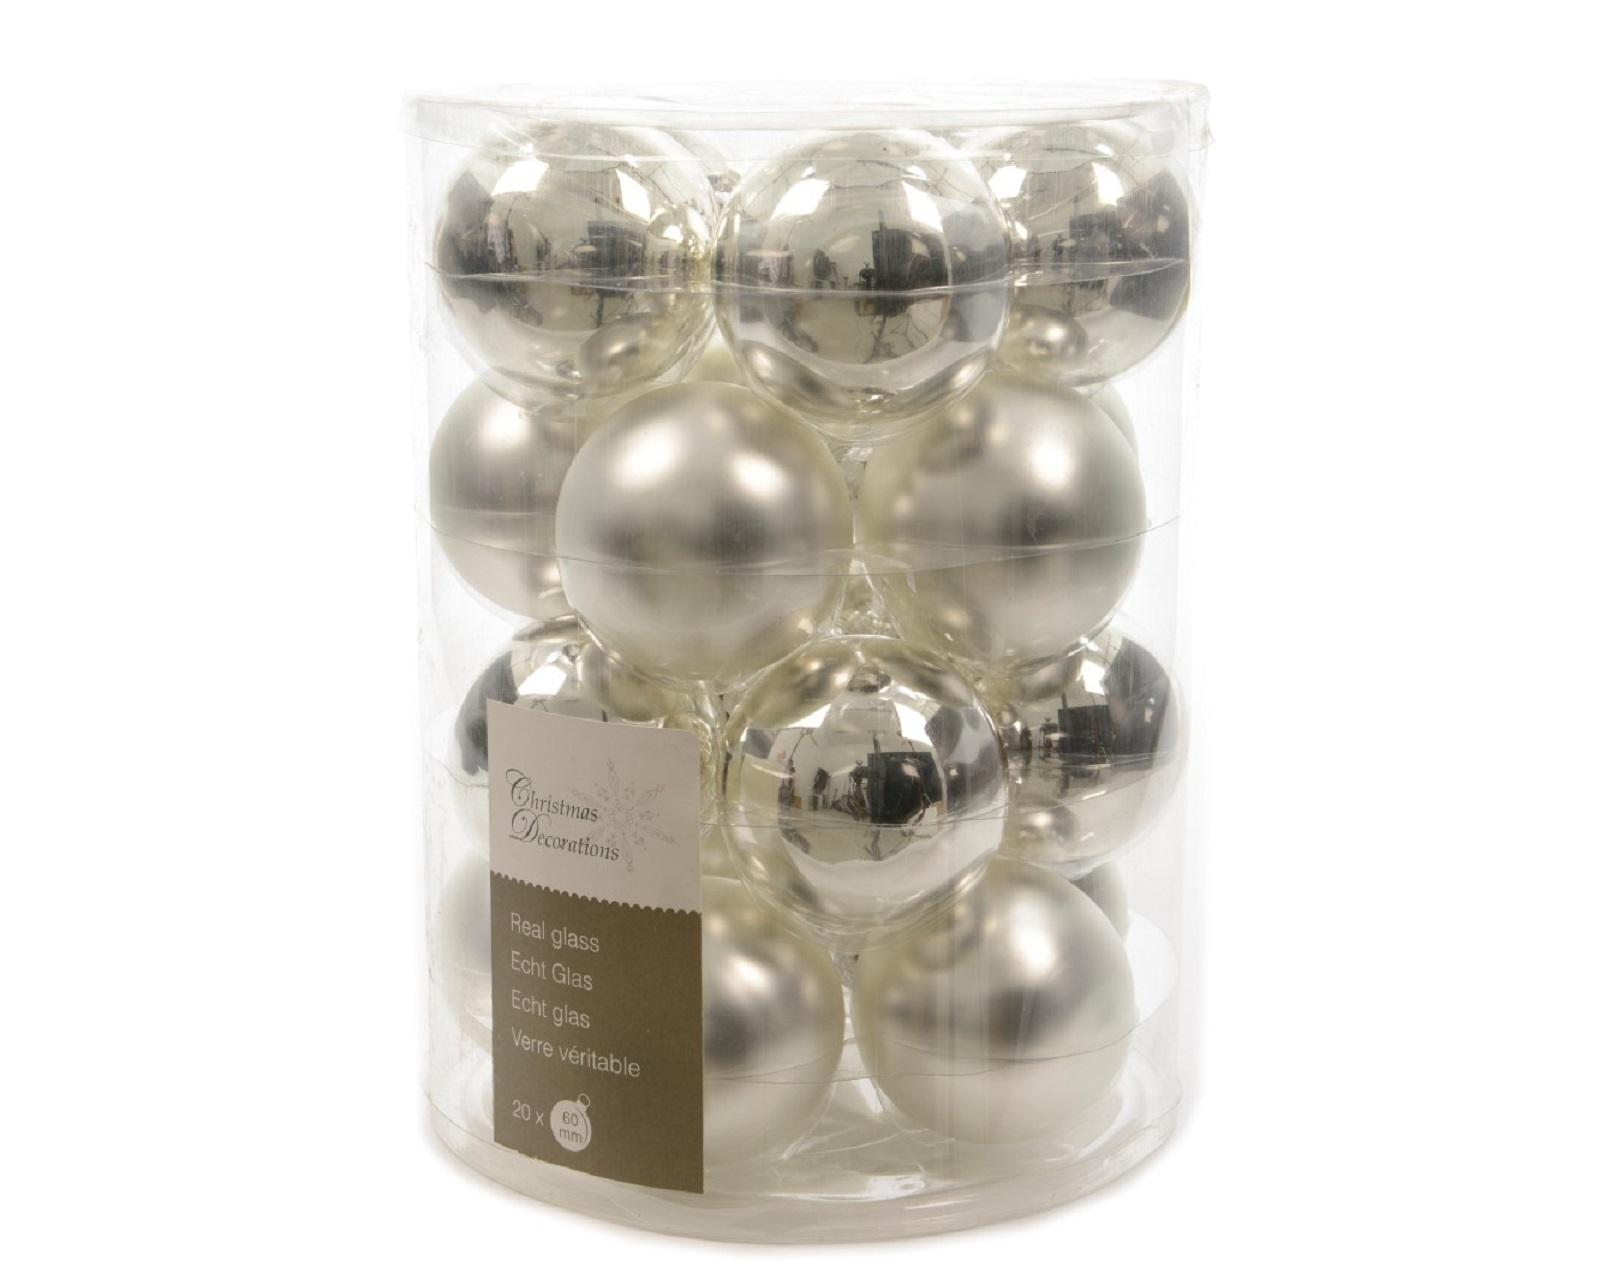 Weihnachtskugeln Christbaumkugeln Glas Baumhänger Glaskugelng silber 60 mm 20tlg